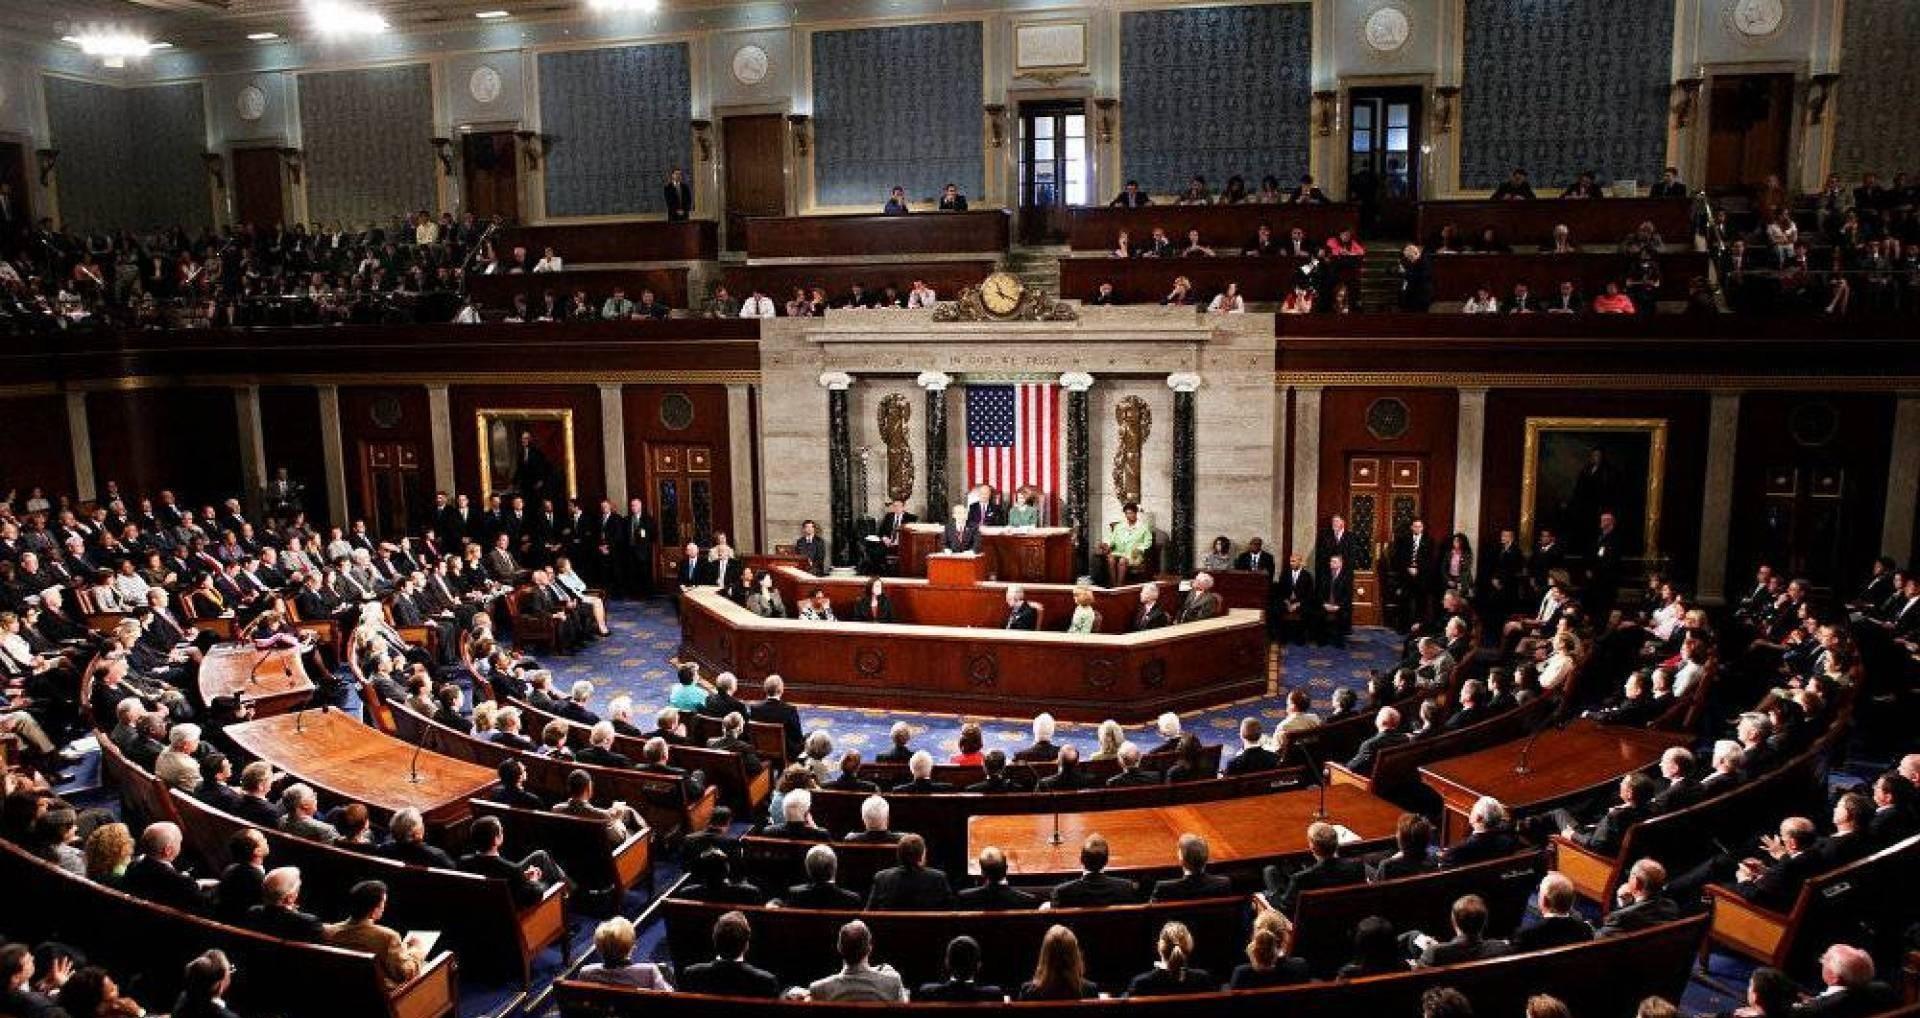 لهذا السبب وجّه أعضاء مجلس الشيوخ الأميركي رسالة إلى ابن سلمان